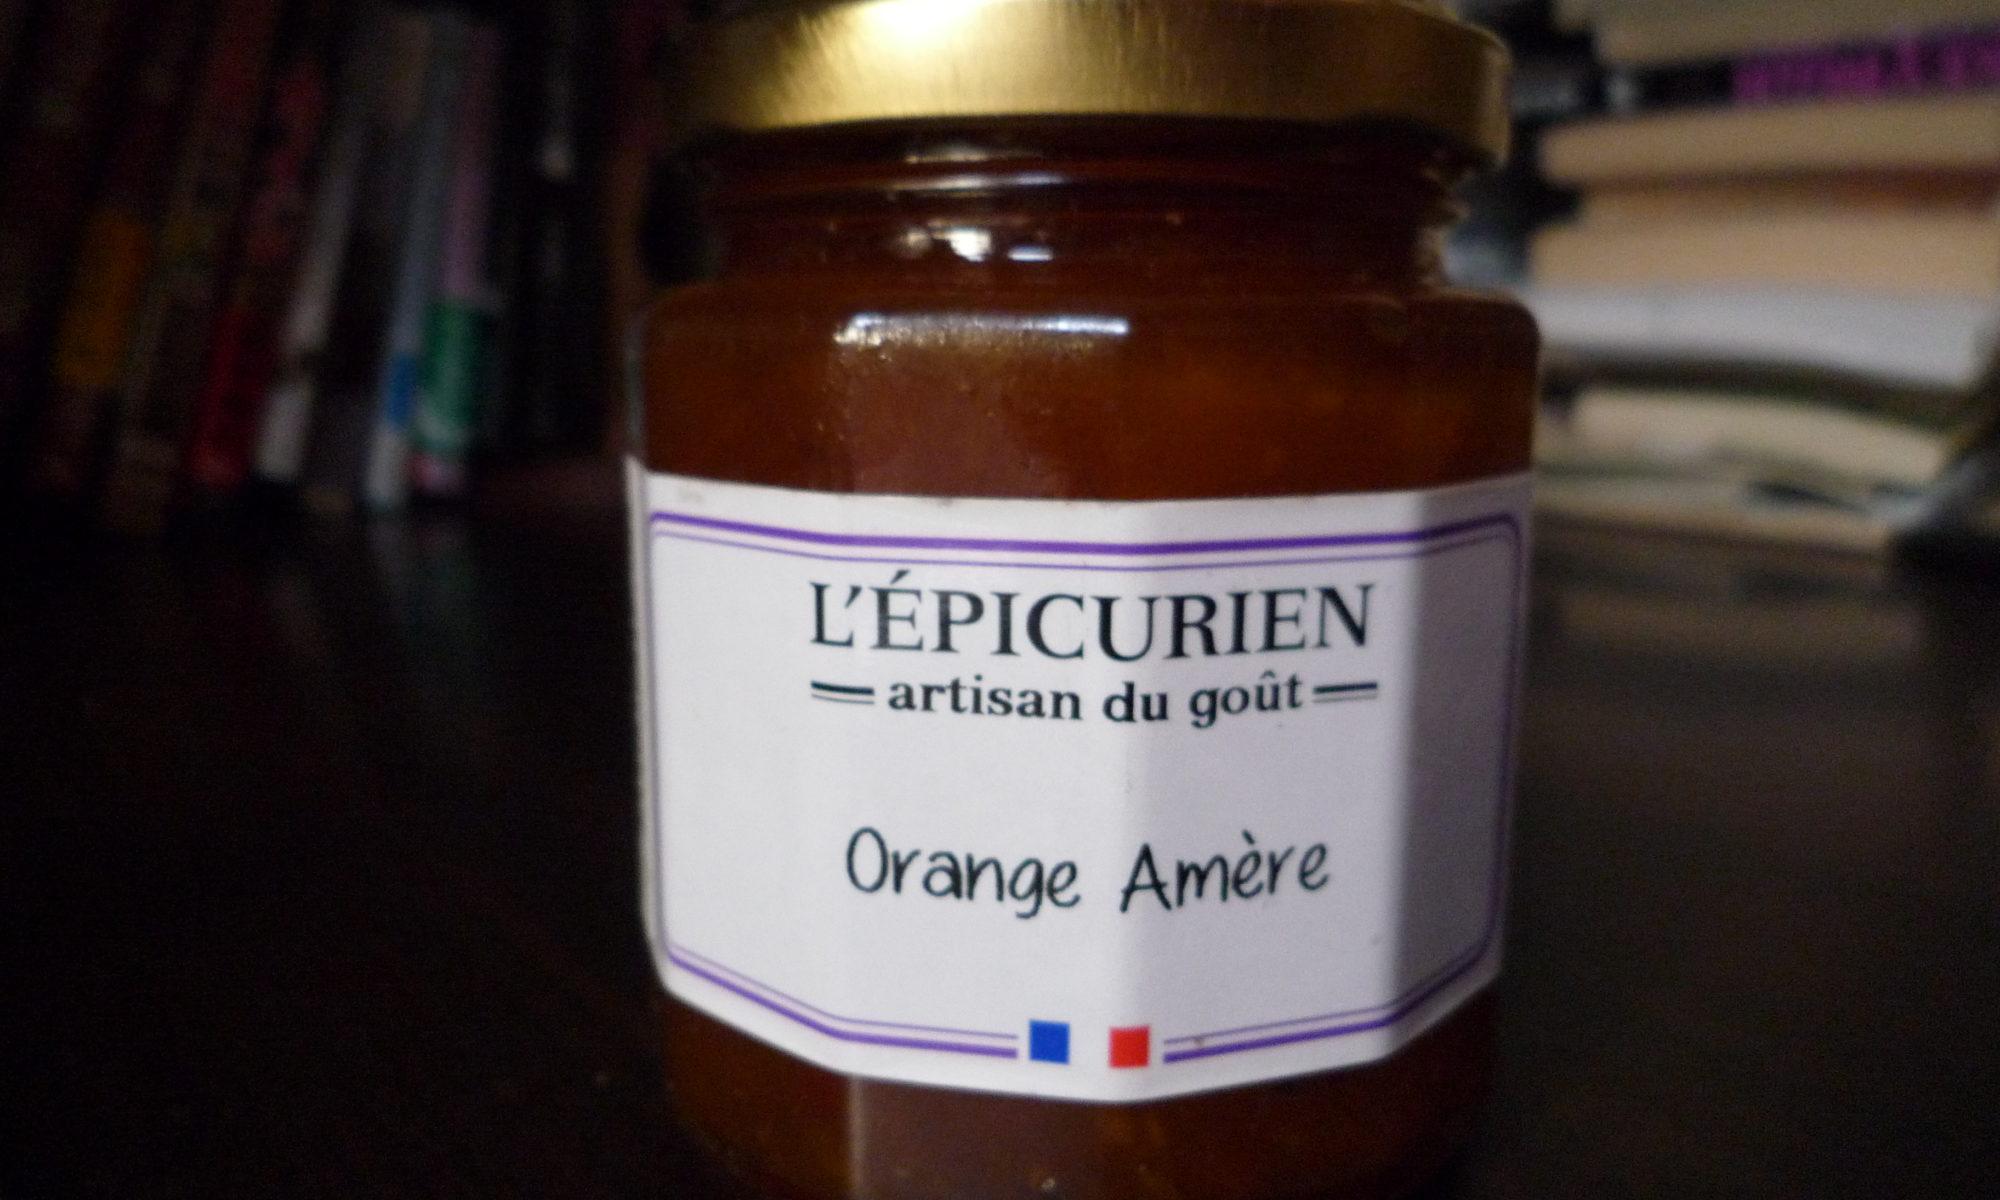 レピキュリアン コンフィチュール ビターオレンジ